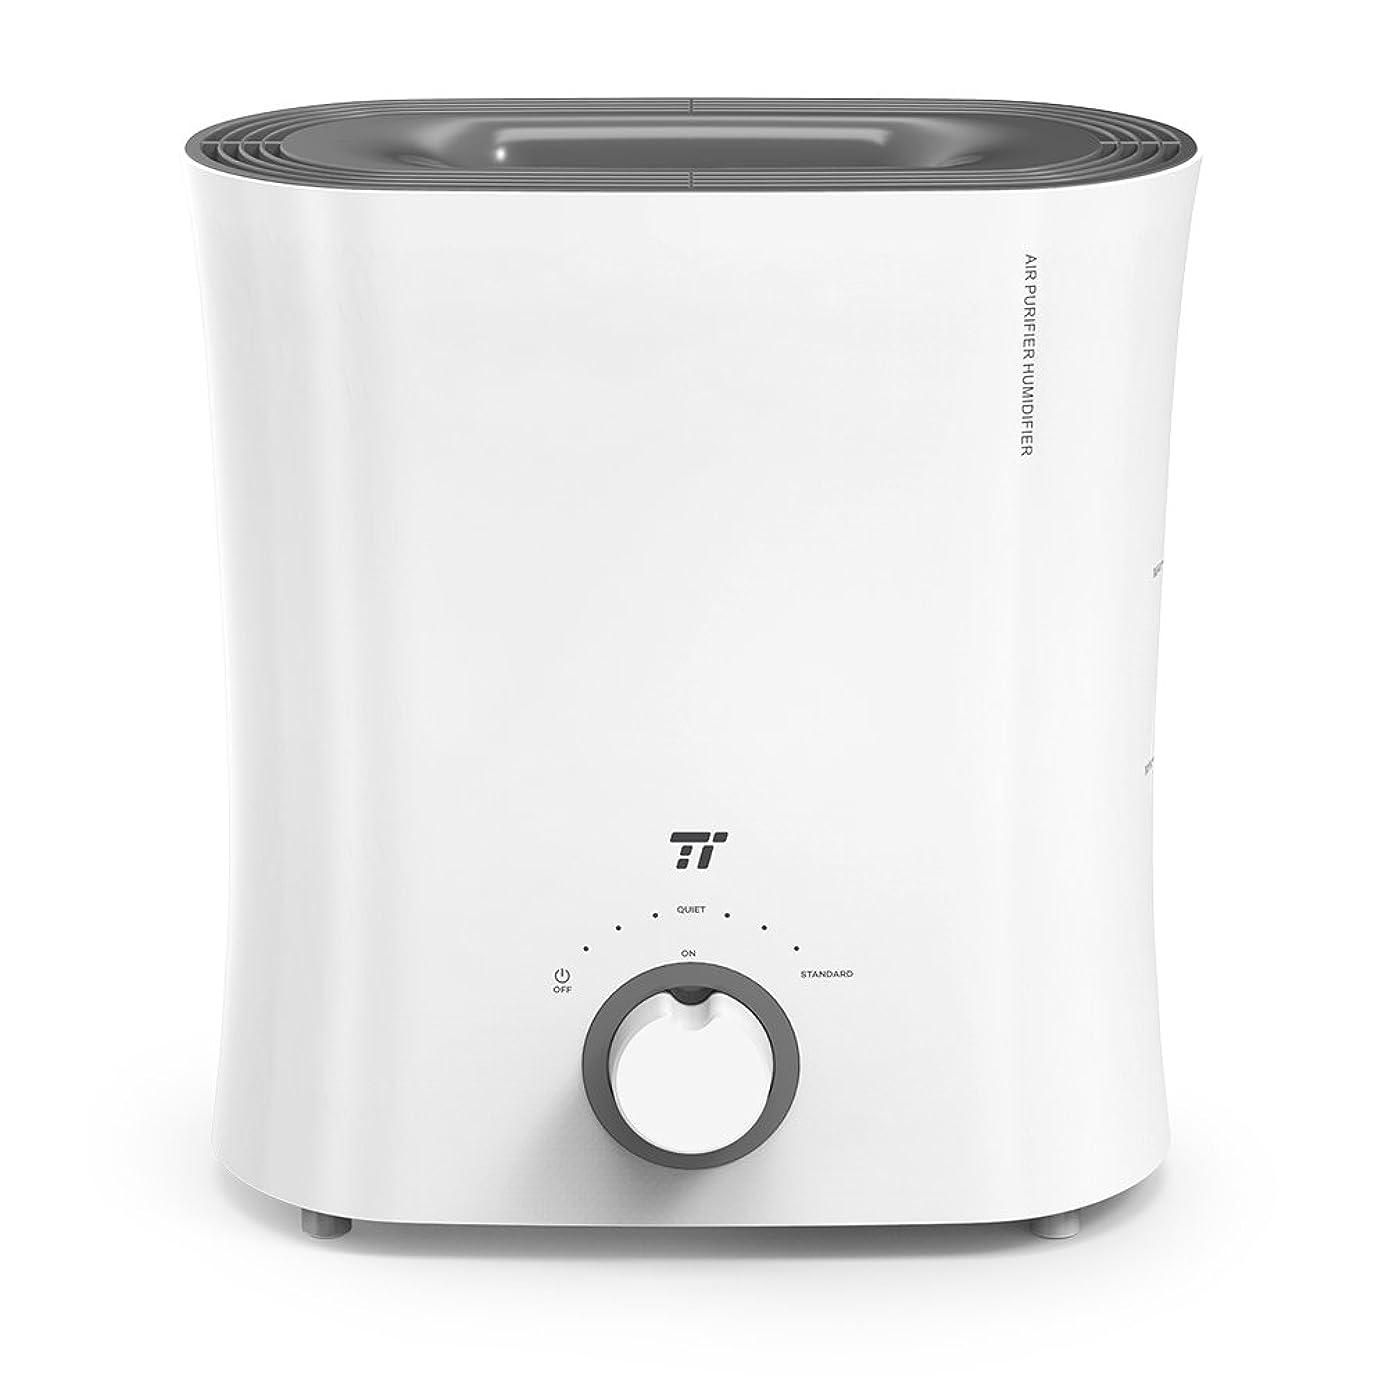 読書をするバルク待つ加湿器 TaoTronics 2.5L 気化式 空気清浄機 連続運転20時間 ミスト2つモード調節 静音 省エネ ウィッキングフィルターで抗菌 上から給水 5-12畳 オフィス 寝室 子供部屋 TT-AH017